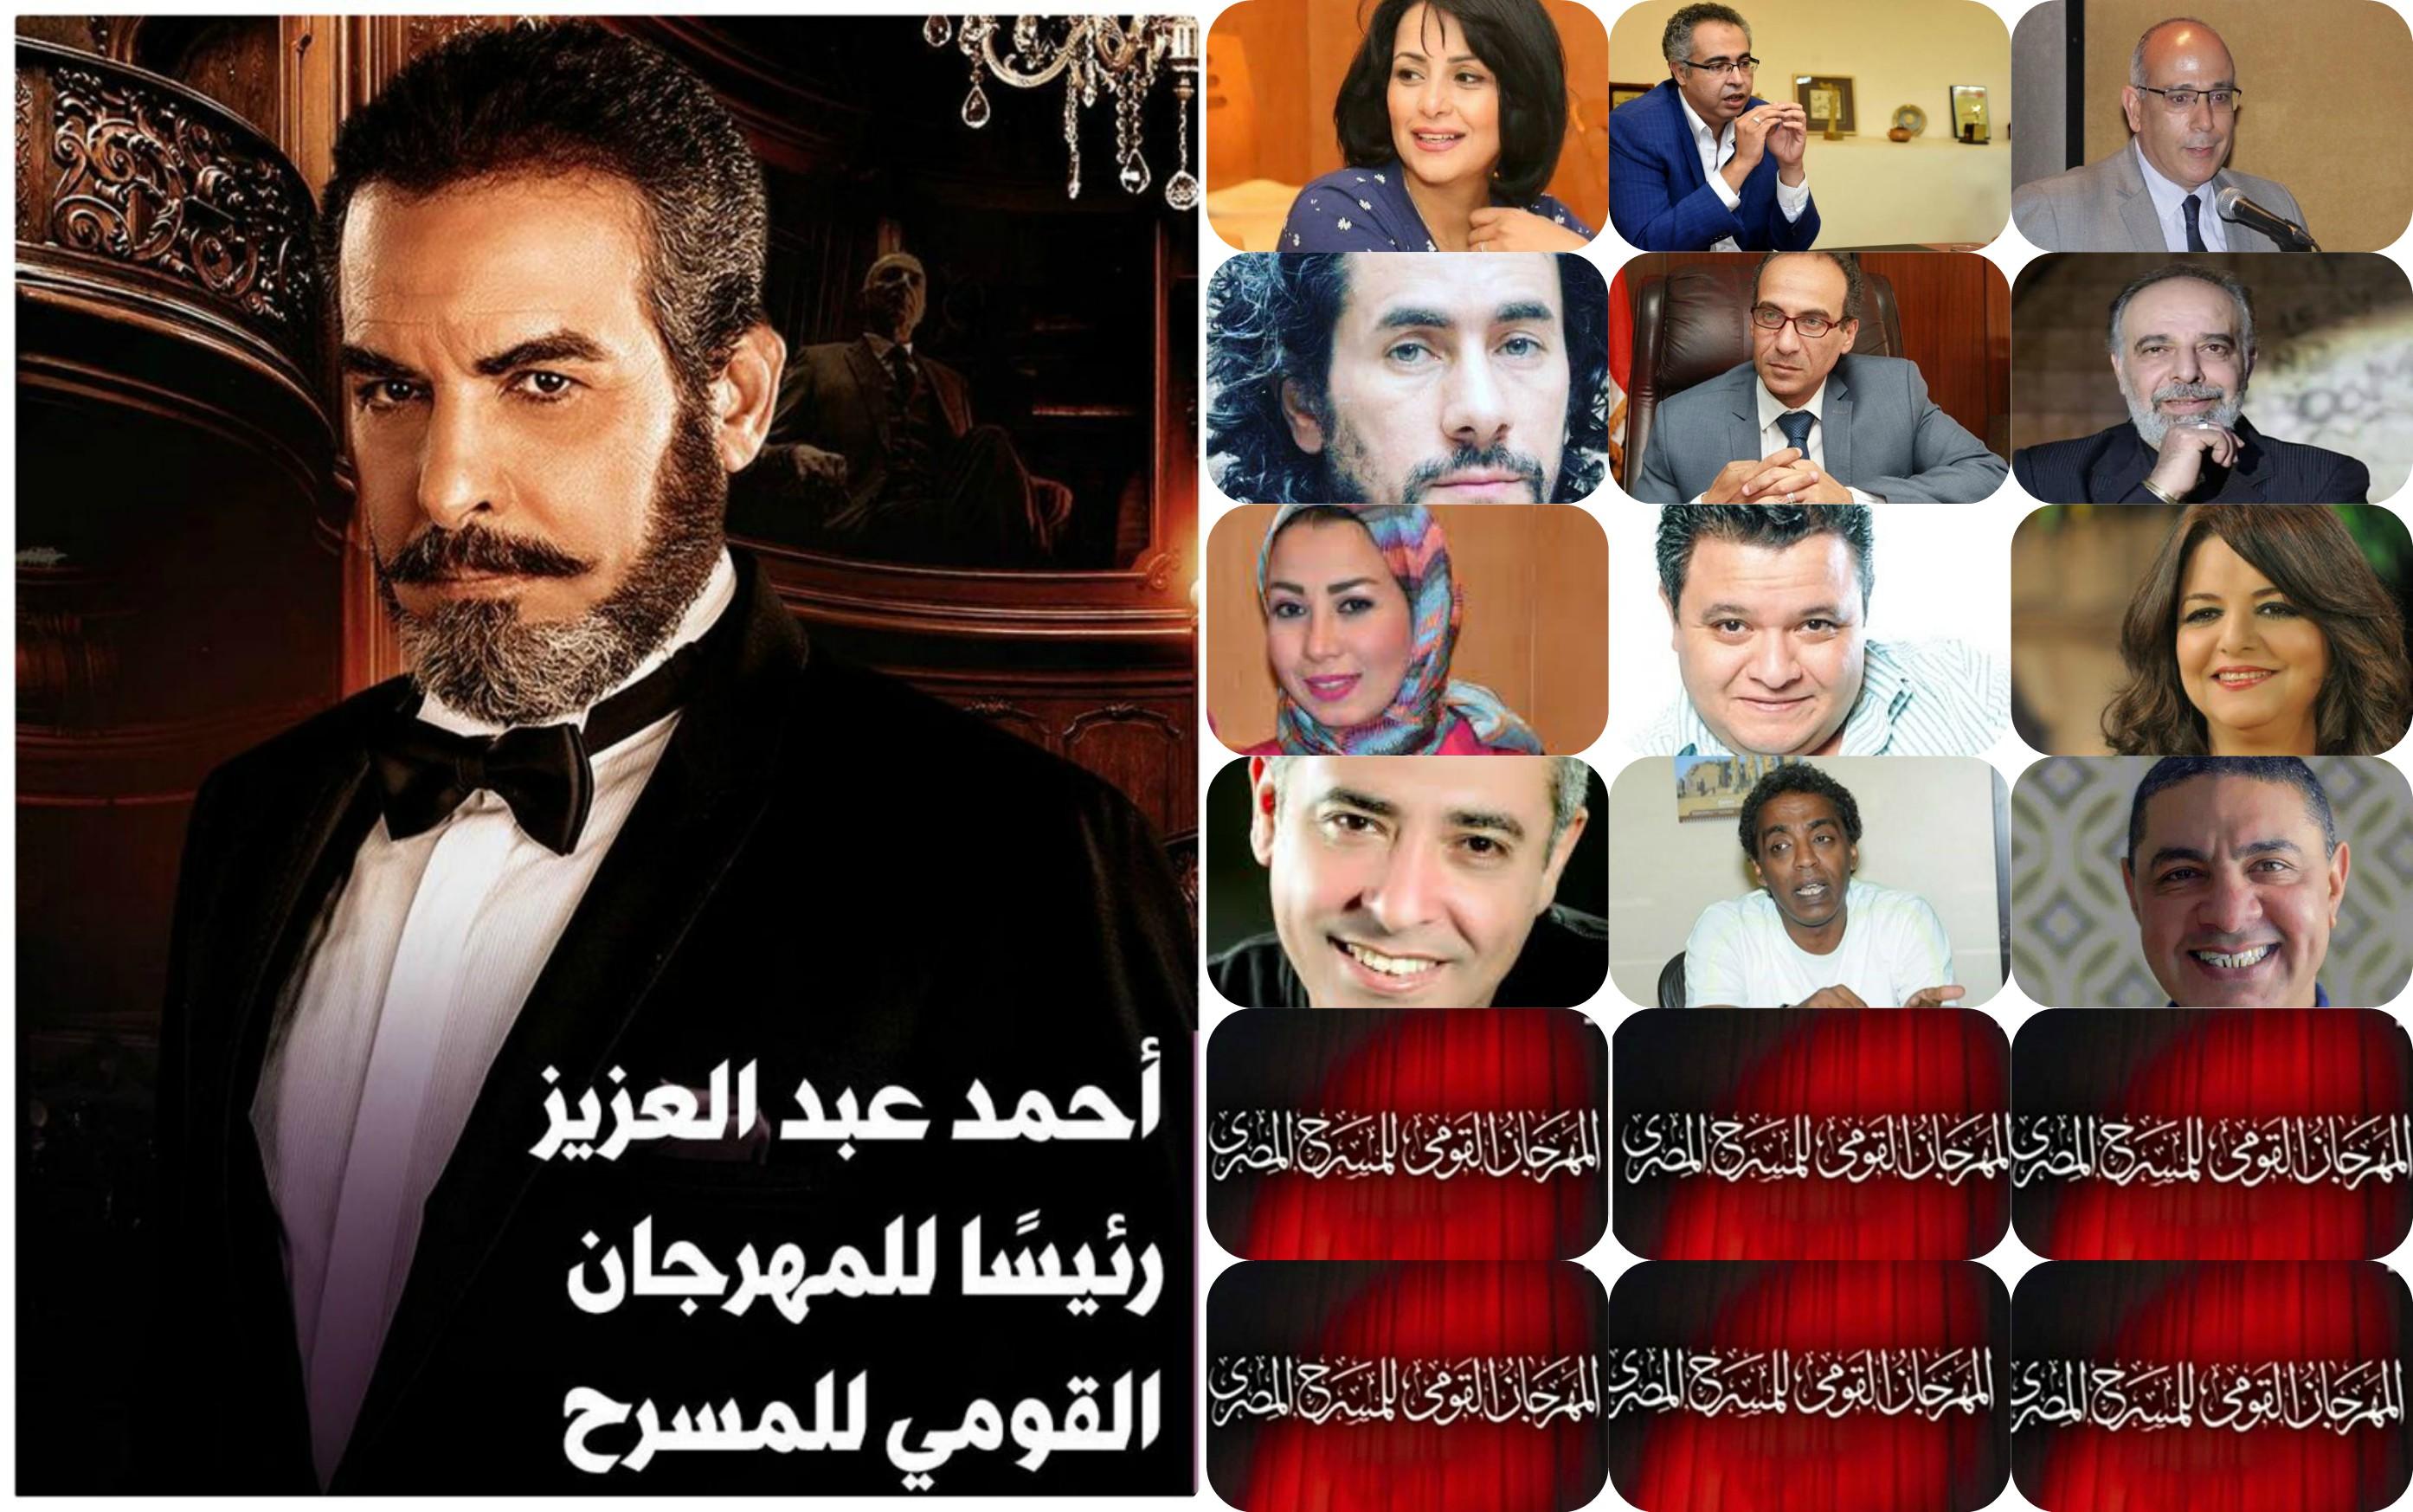 رئيس وأعضاء اللجنة العليا للمهرجان القومي للمسرح المصري